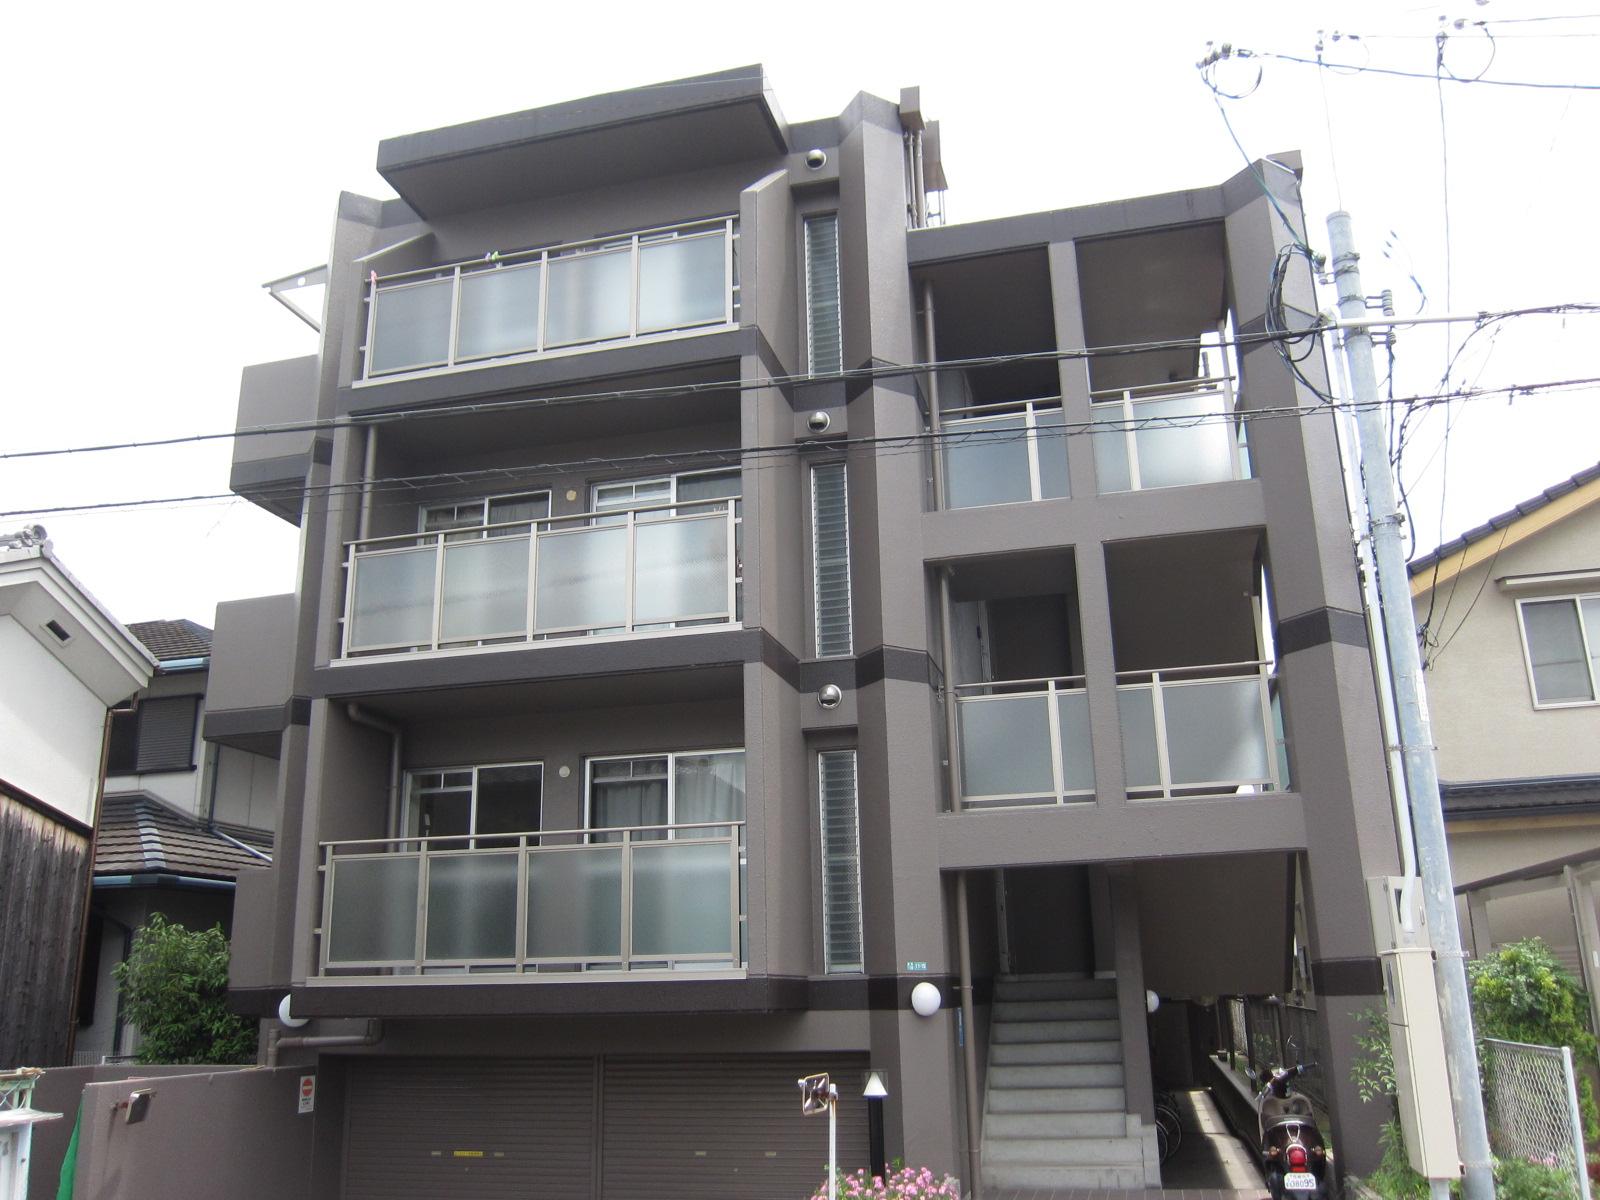 成約事例 | 西宮市 神戸市 大阪市 収益物件 マンション | FRONT HOUSING